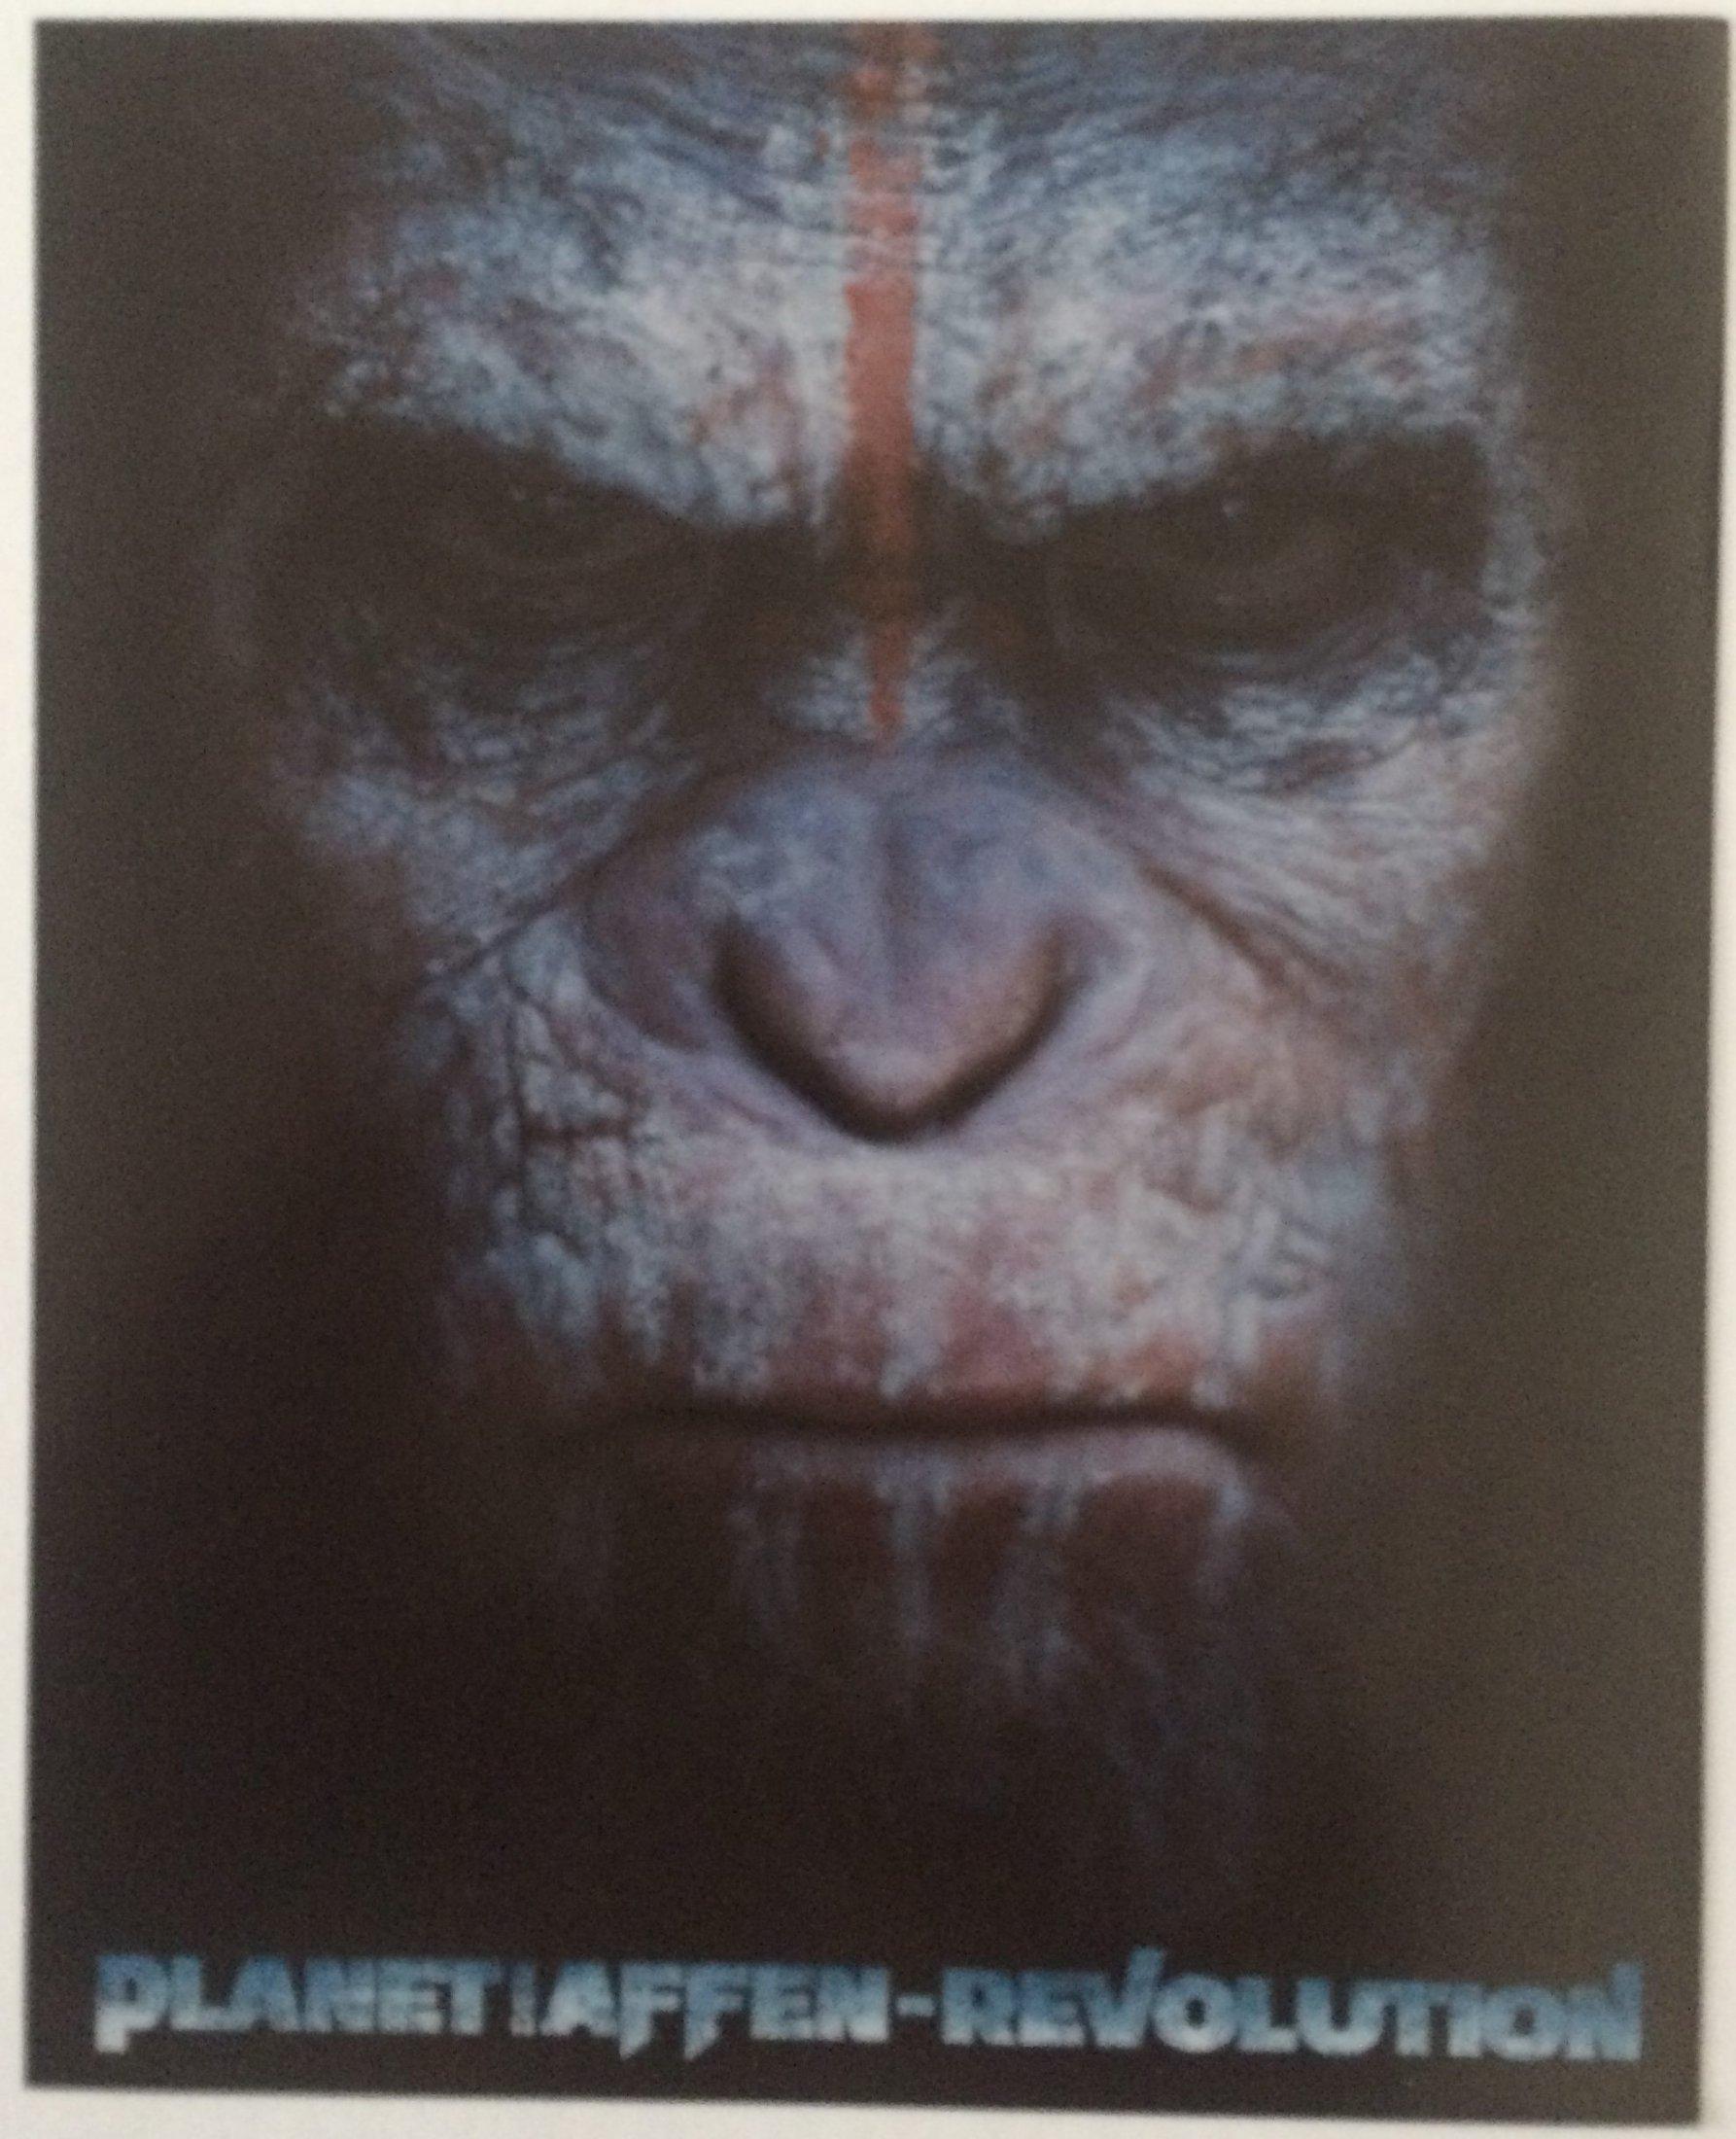 Planet der Affen -Prevolution extra